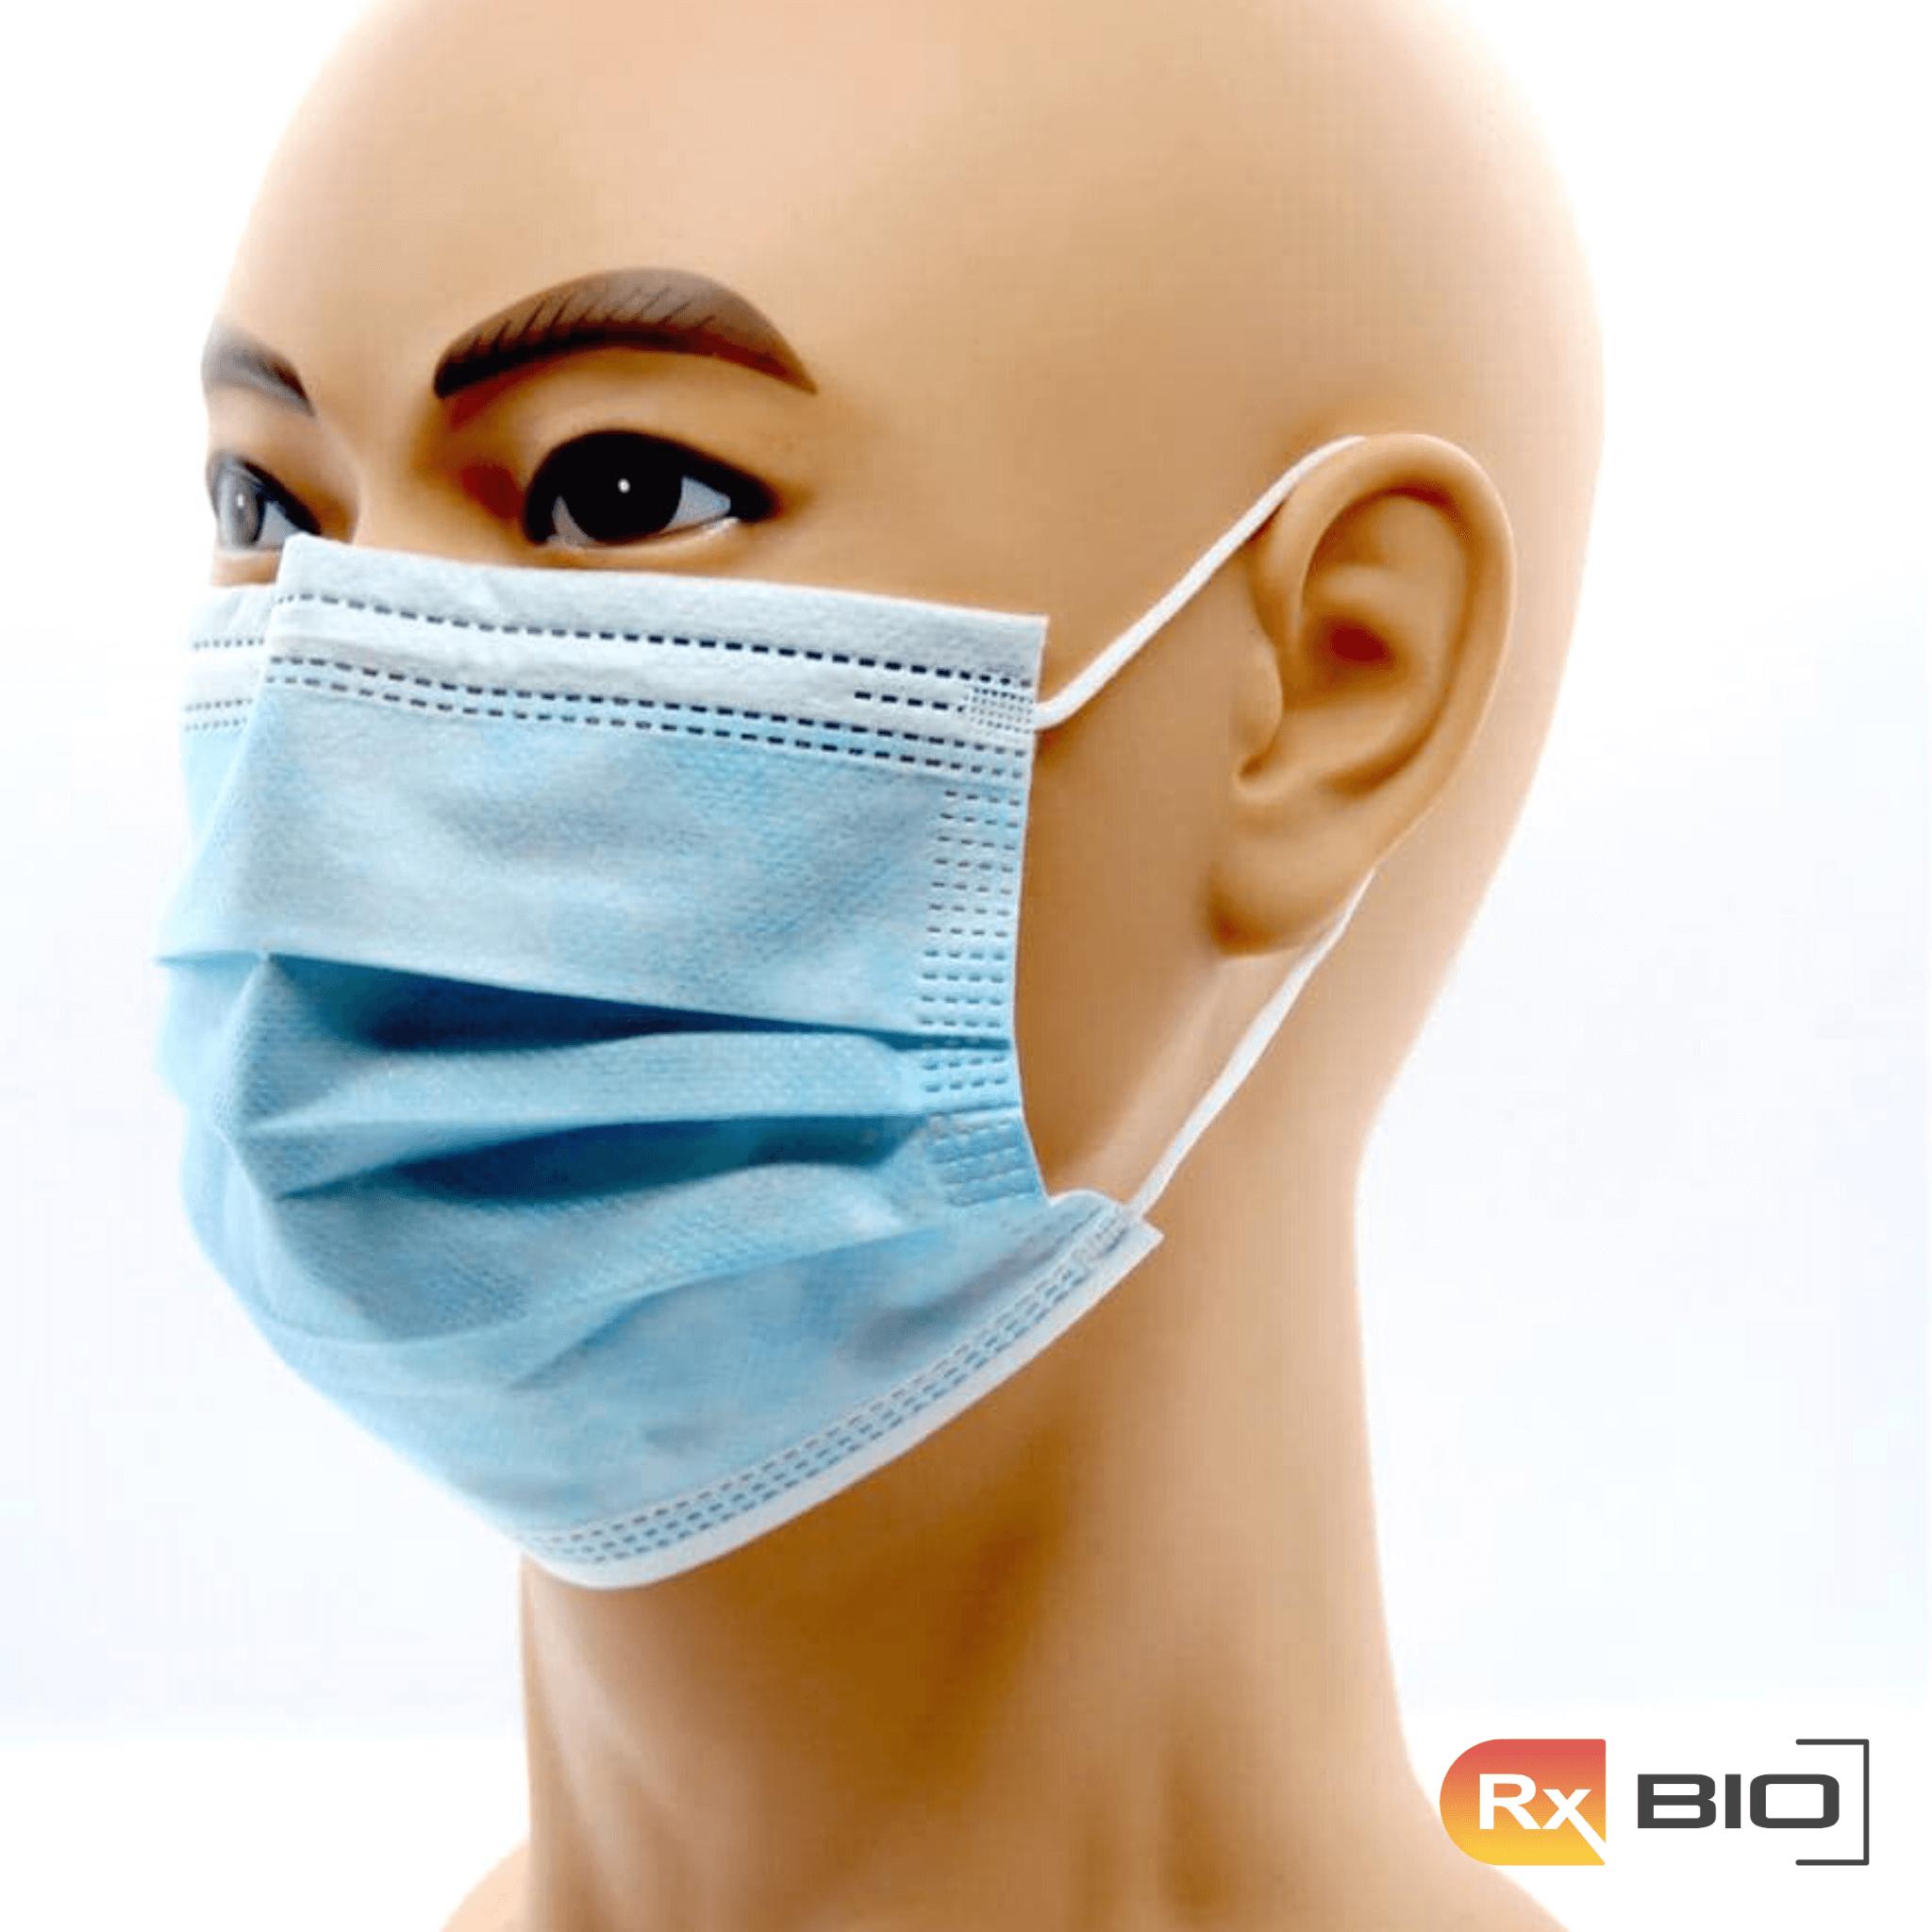 Boomcare Non-Medical Face Mask